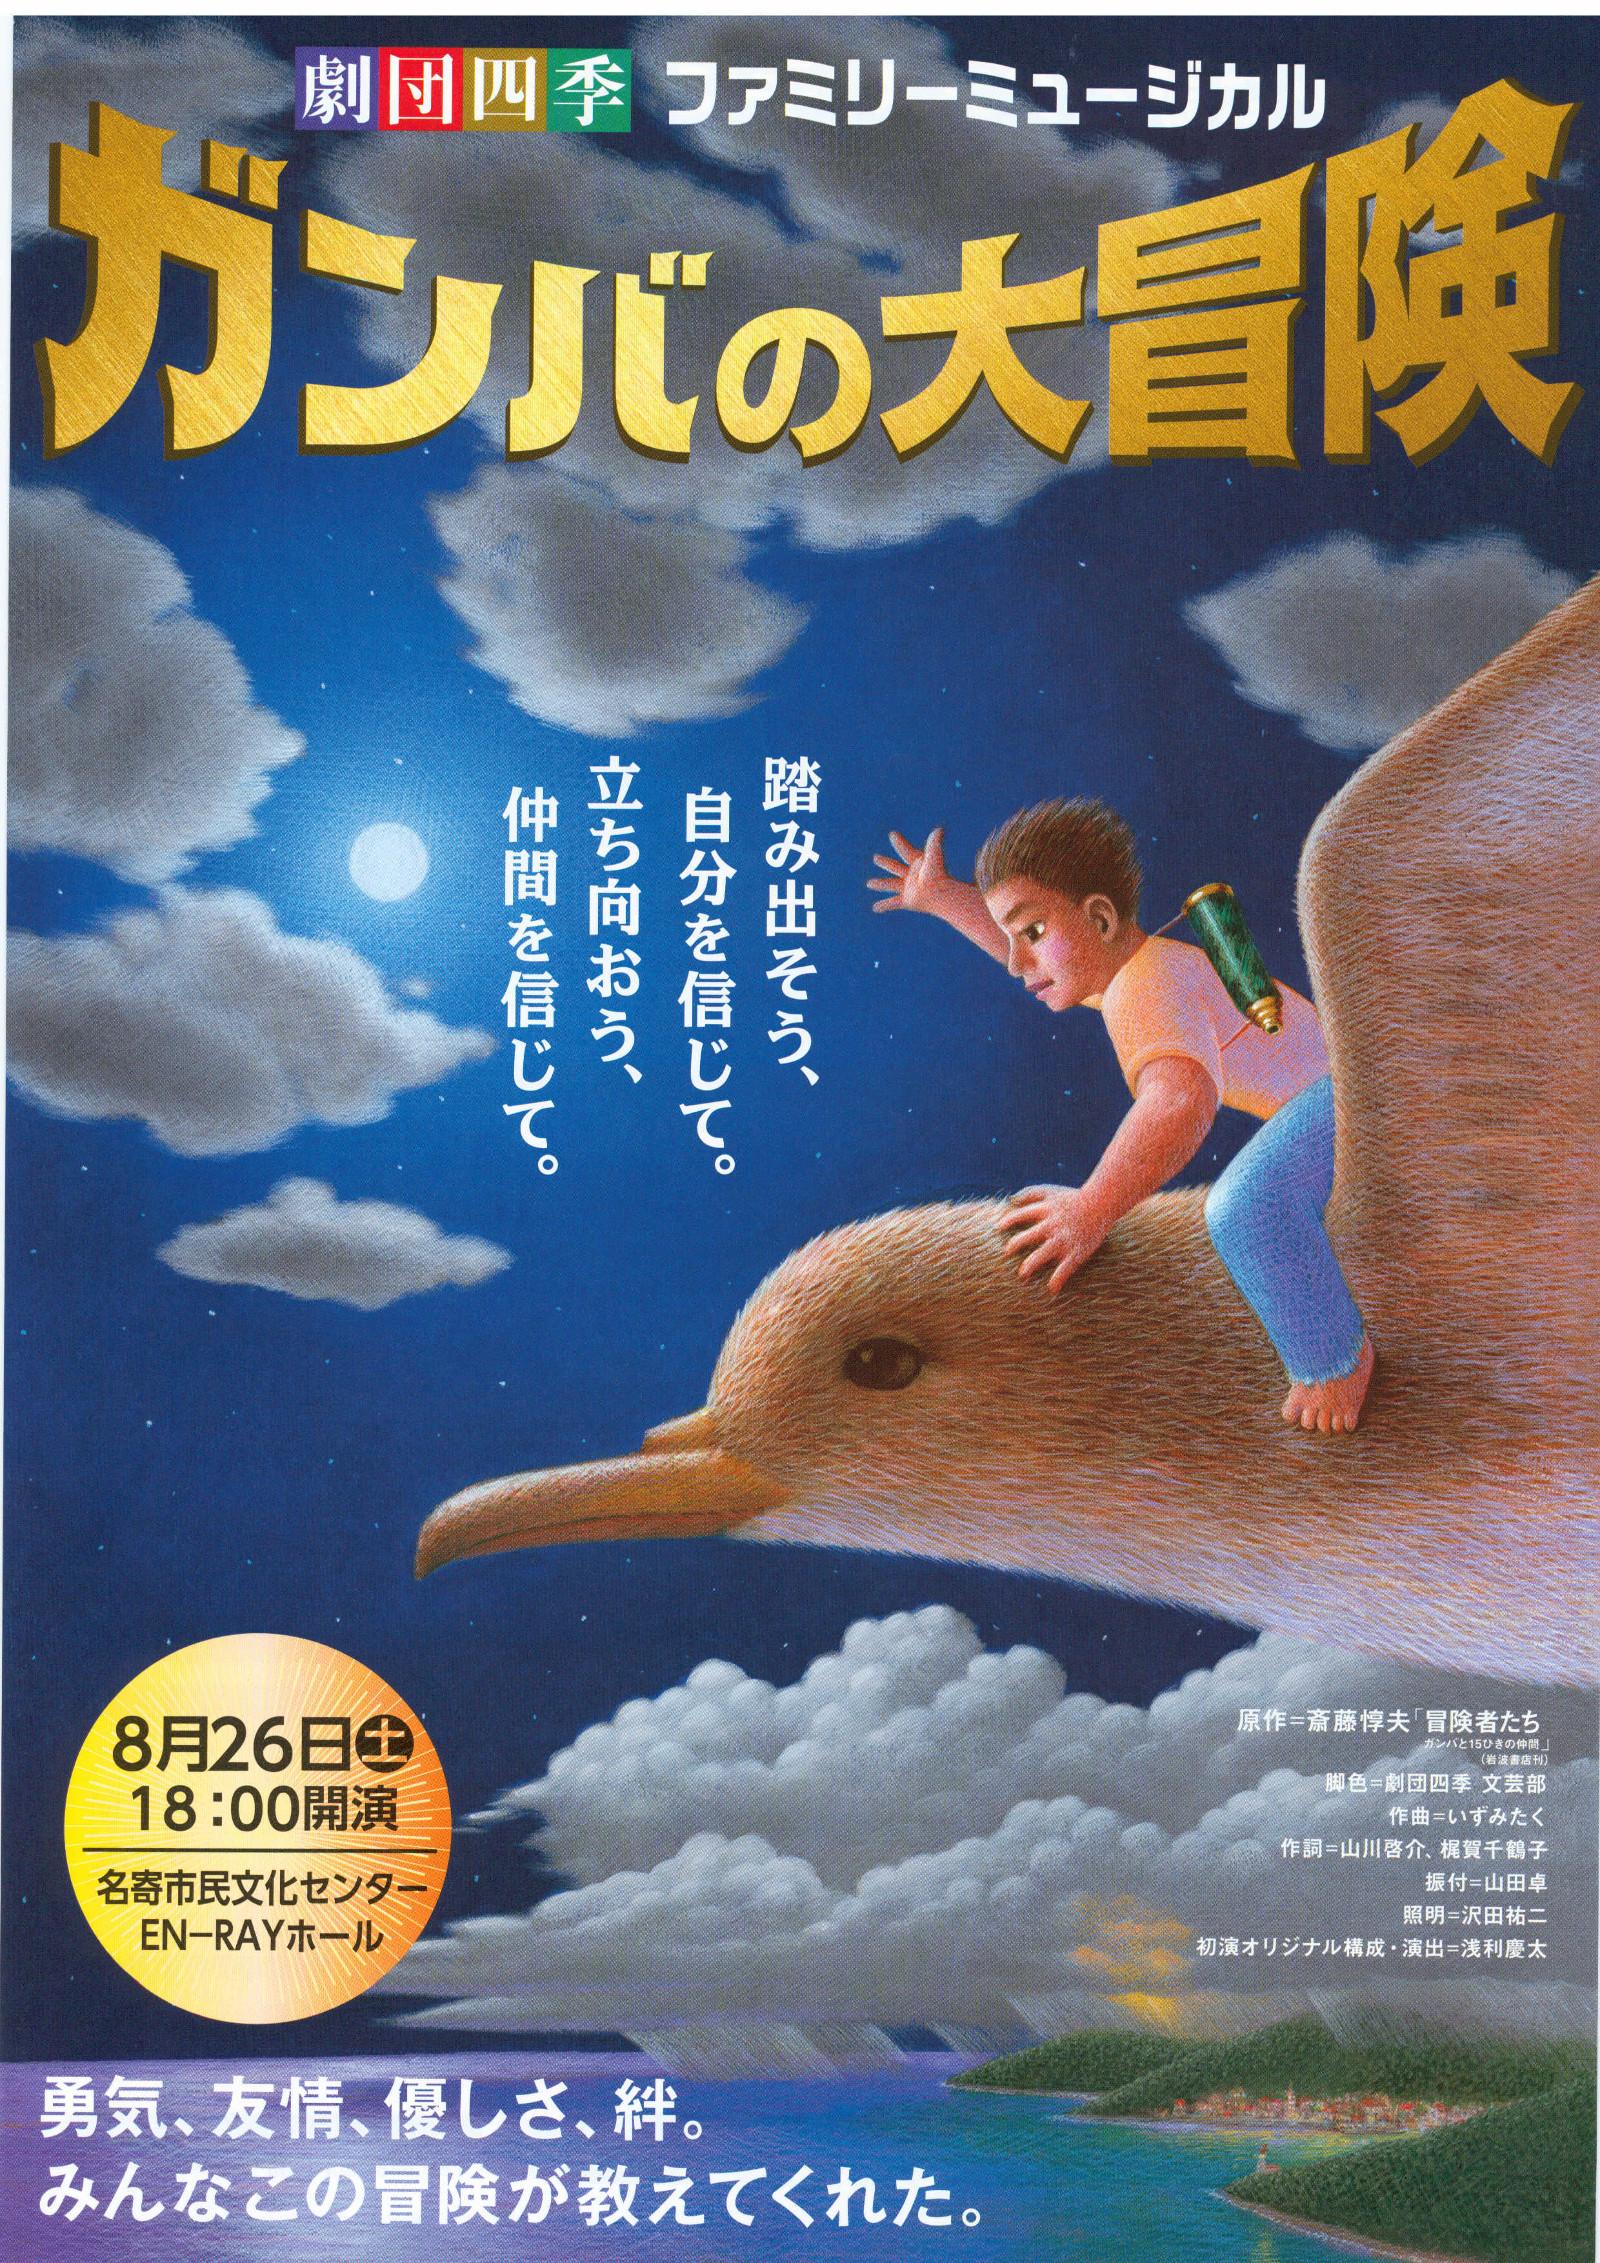 劇団四季ファミリーミュージカル ガンバの大冒険